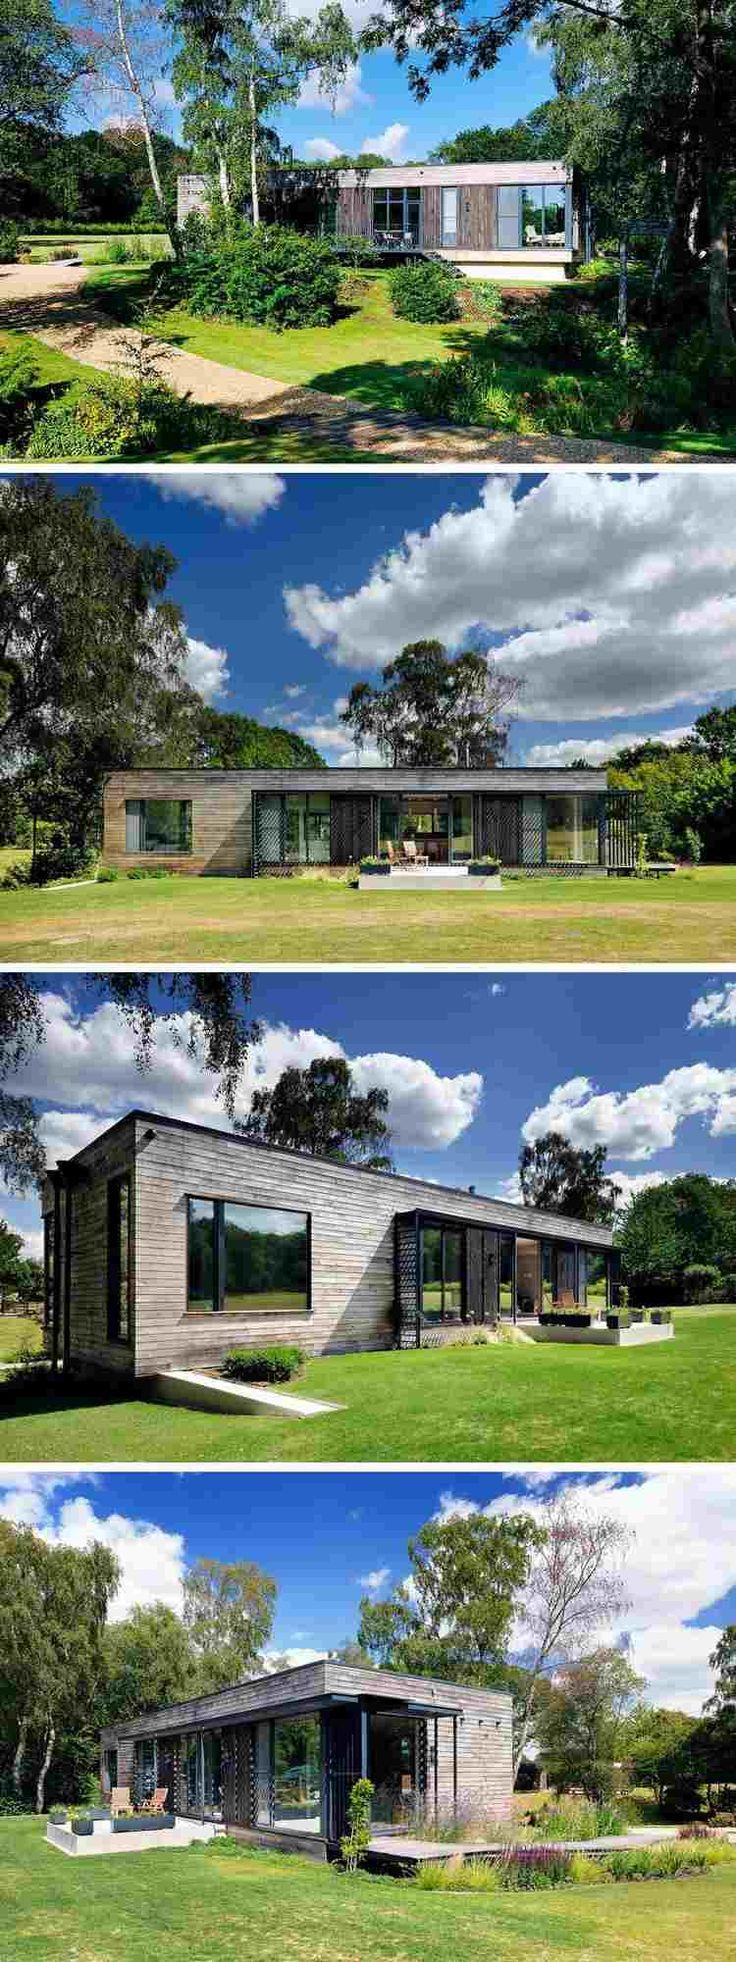 maison BBC pour vivre en harmonie avec la nature, jardin moderne et meubles en bois